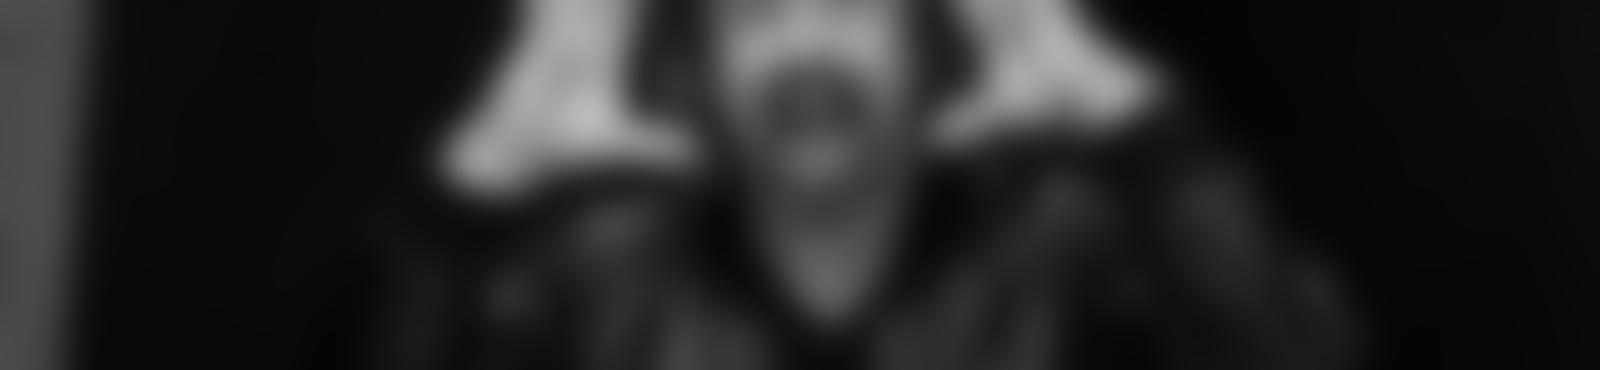 Blurred 9f3b3d2c e496 45aa a248 671660f508ab